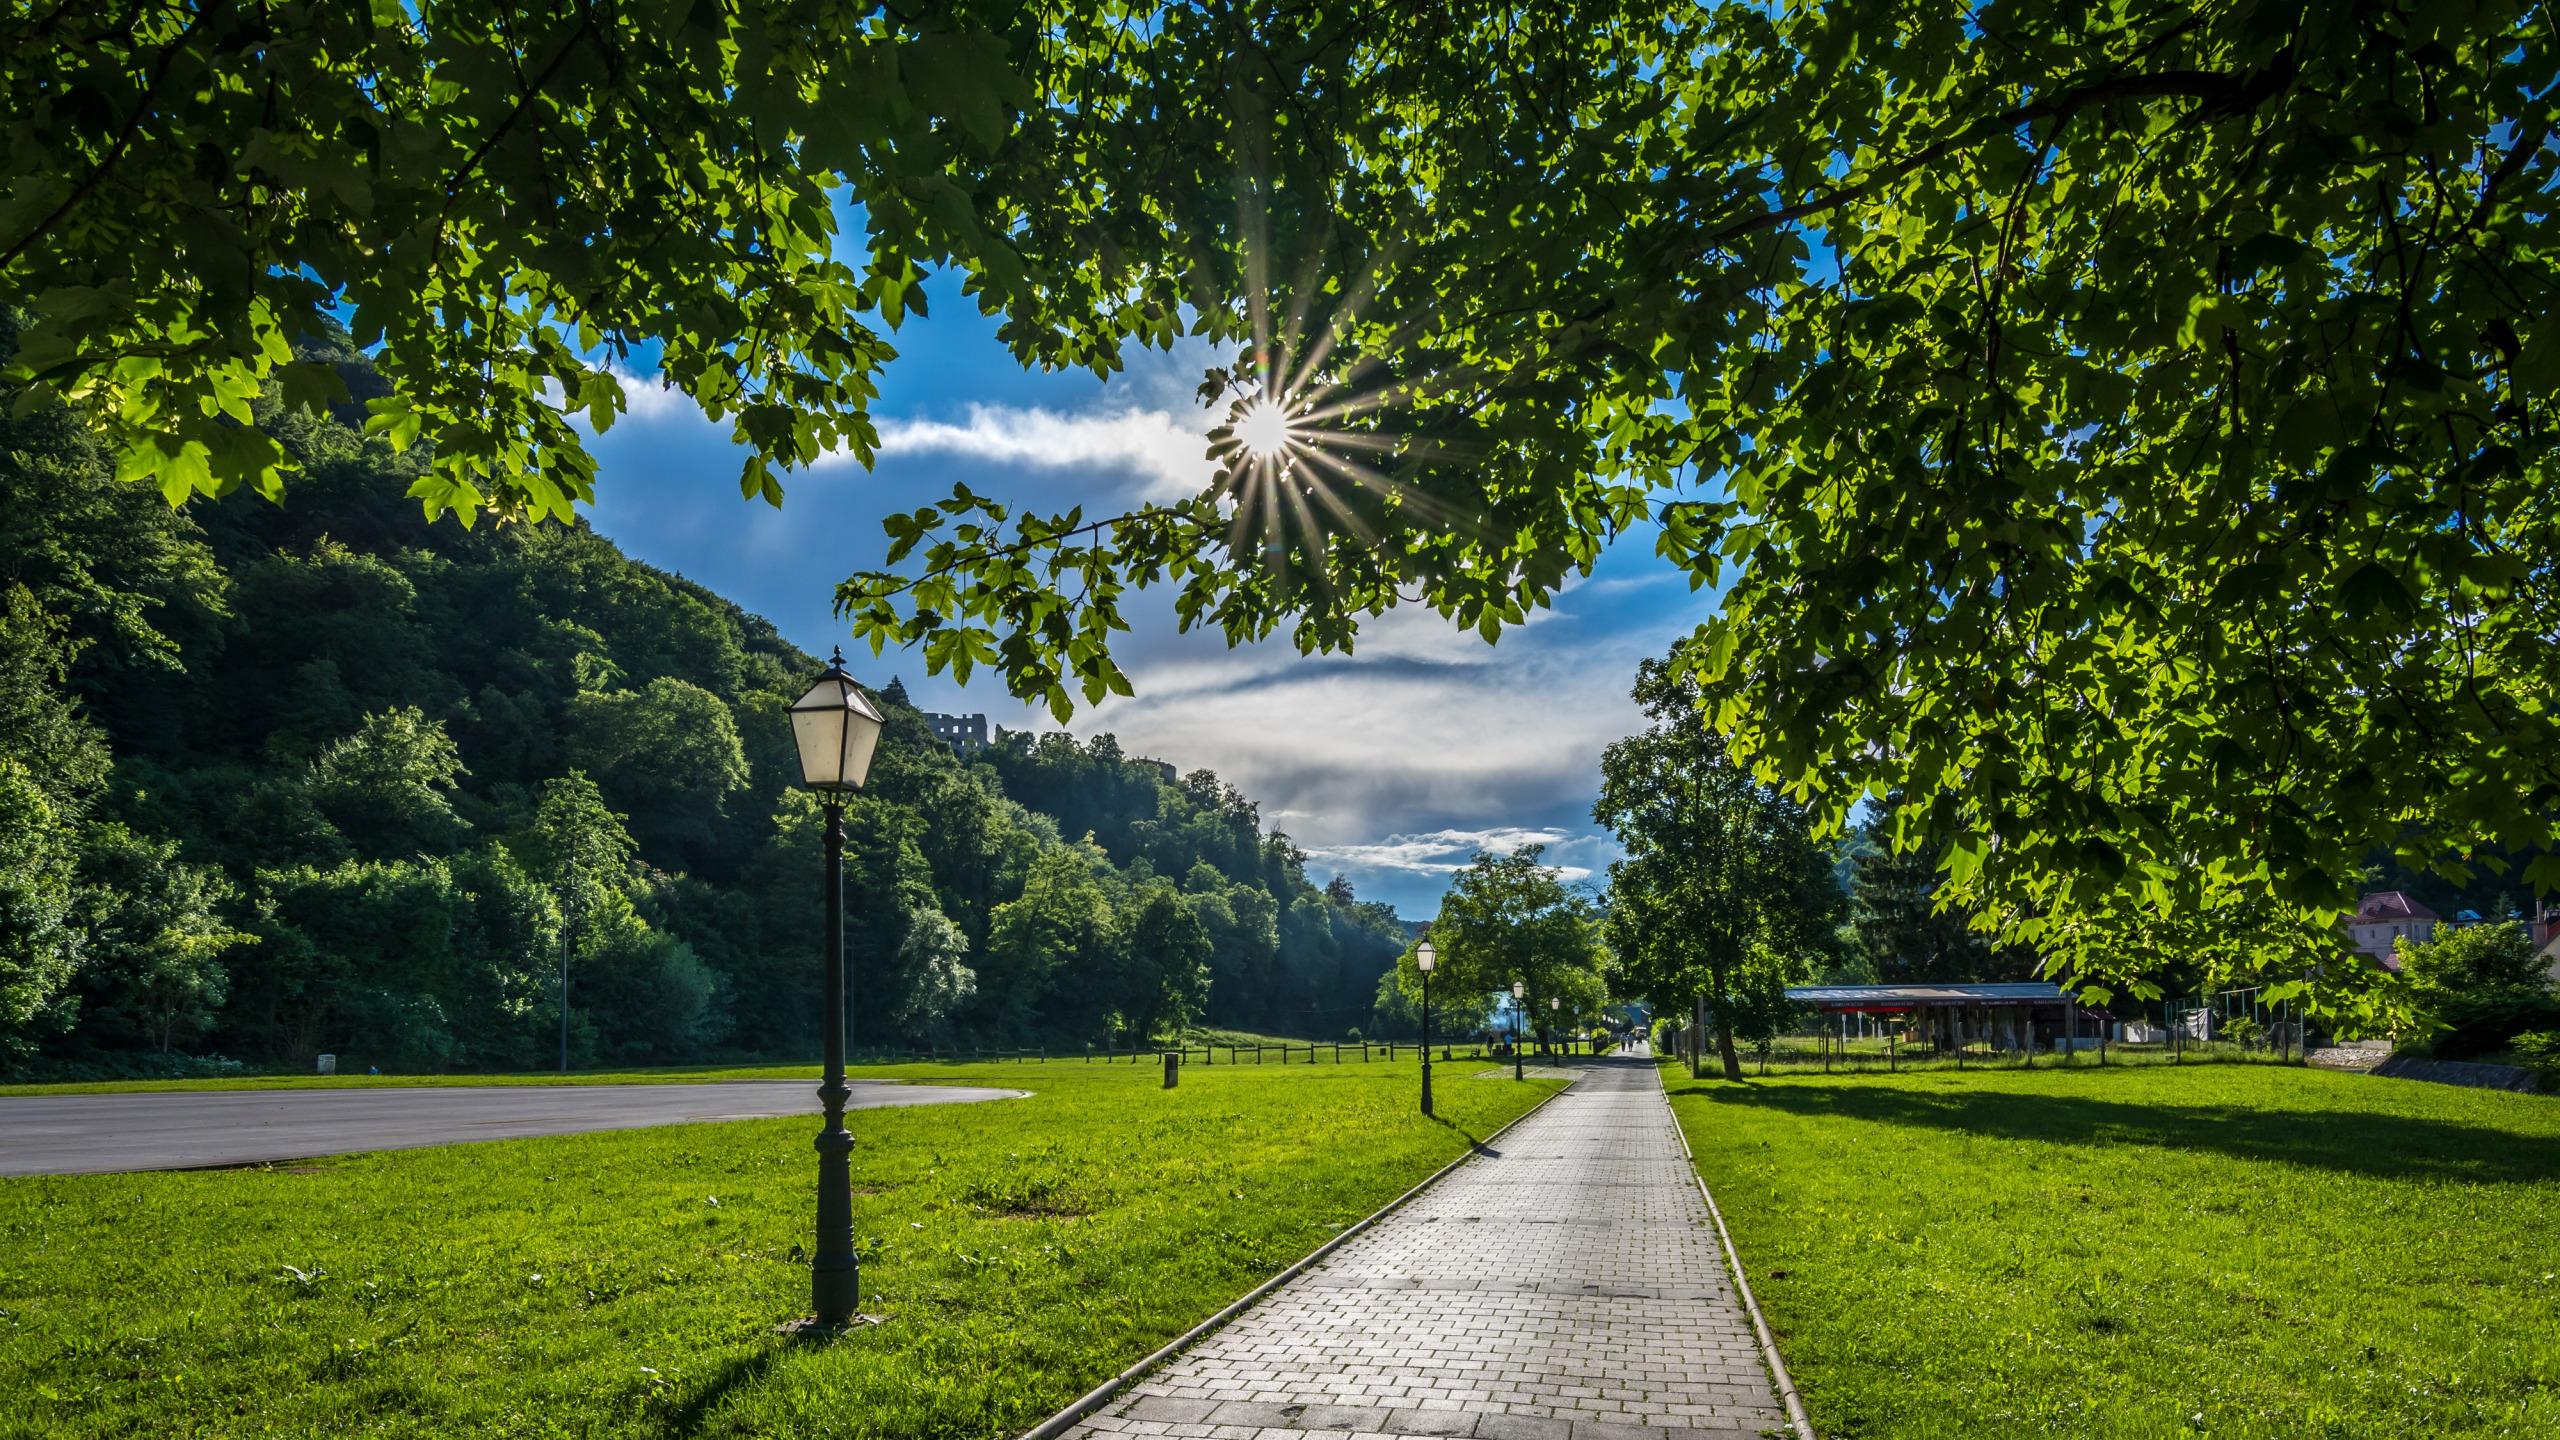 Спичек, картинка солнечного дня в городе